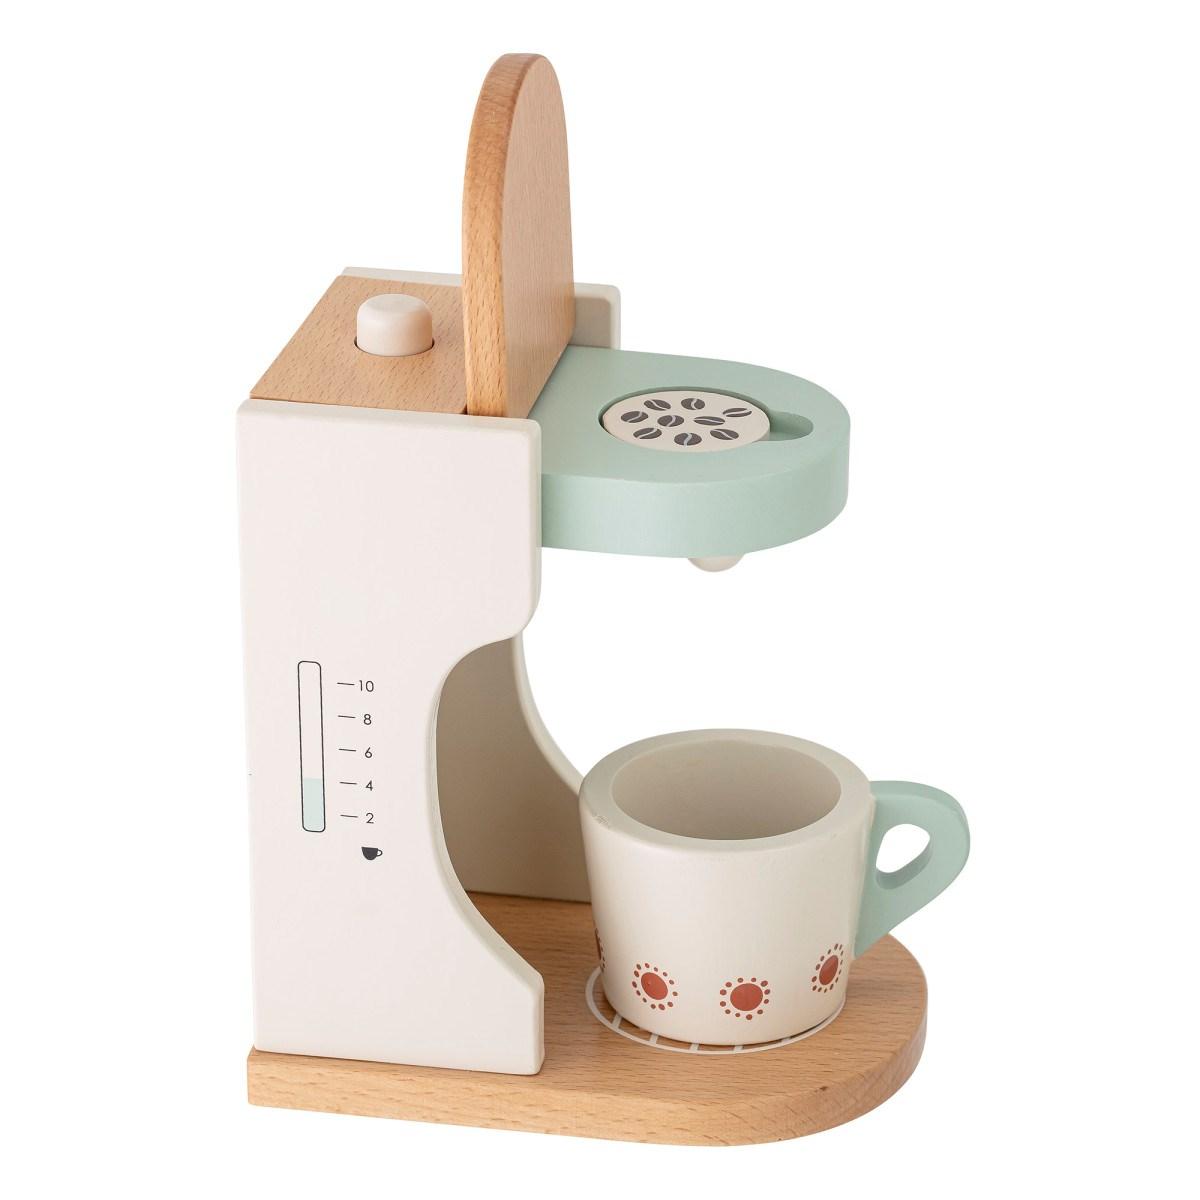 Dětský dřevěný kávovar s šálkem 18xV.15,5 cm_5